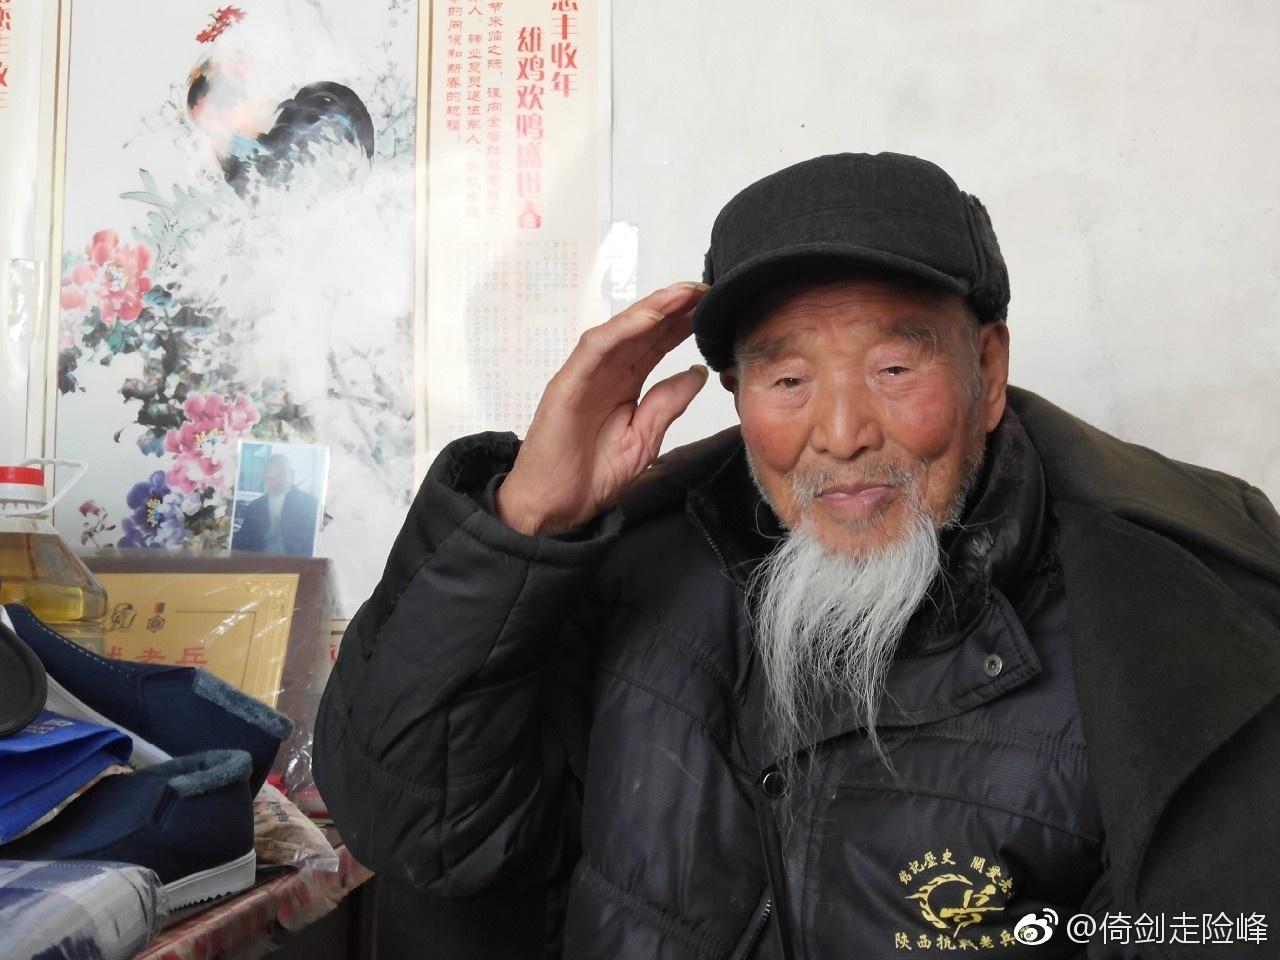 陕西抗战老兵关爱团志愿者节前慰问三原抗战老兵